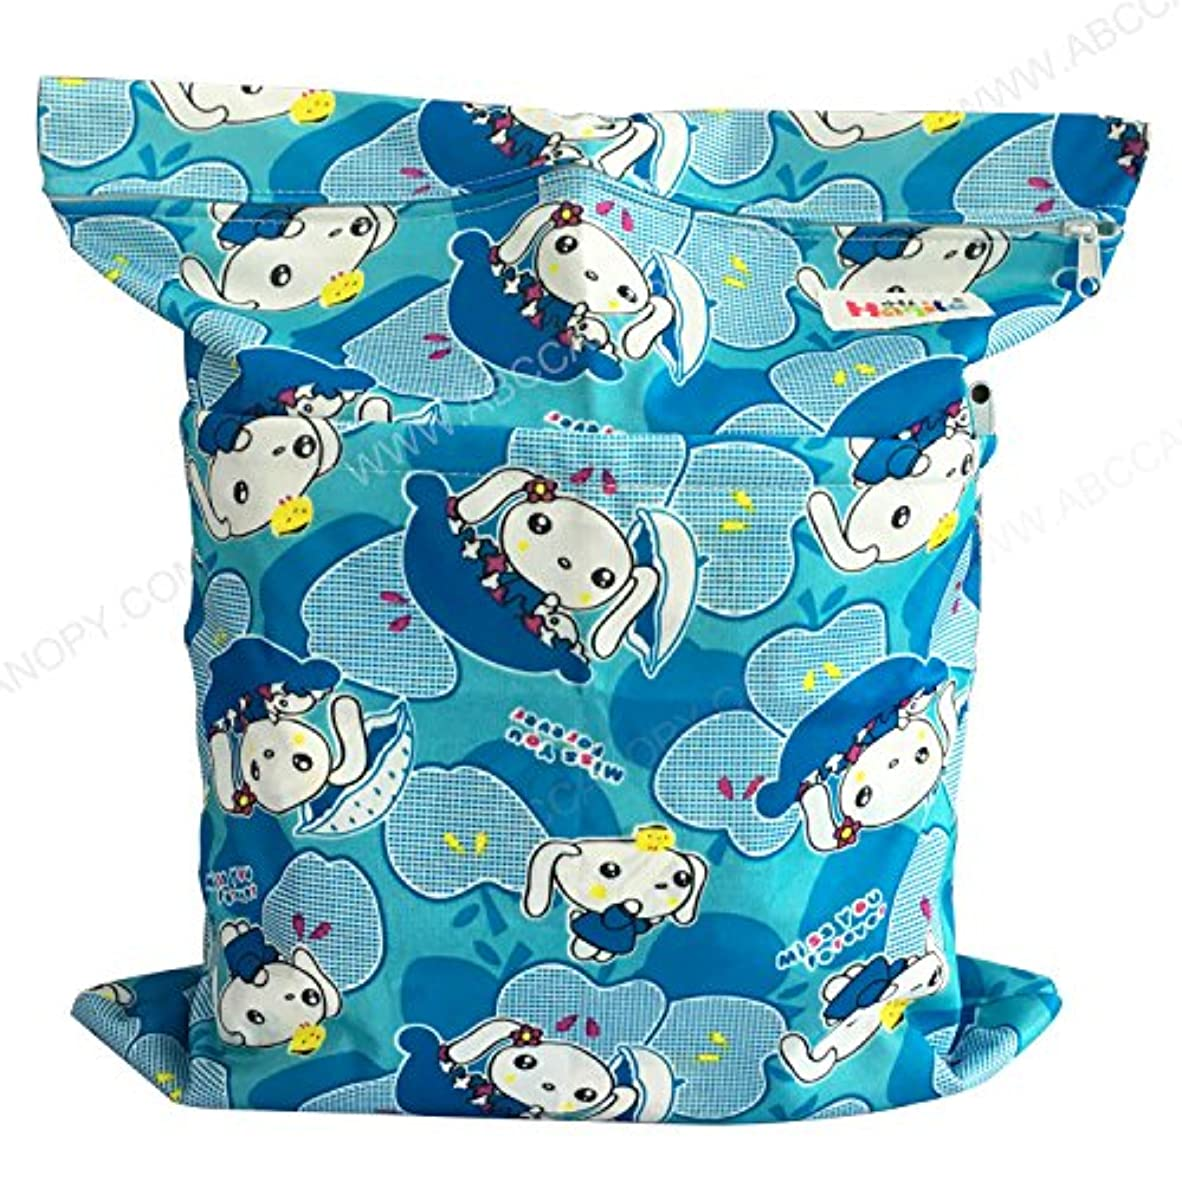 フォーマル不均一極小調節可能な再利用可能なロットベビー洗濯可能布おむつNappies (おむつCarry bag-2 )